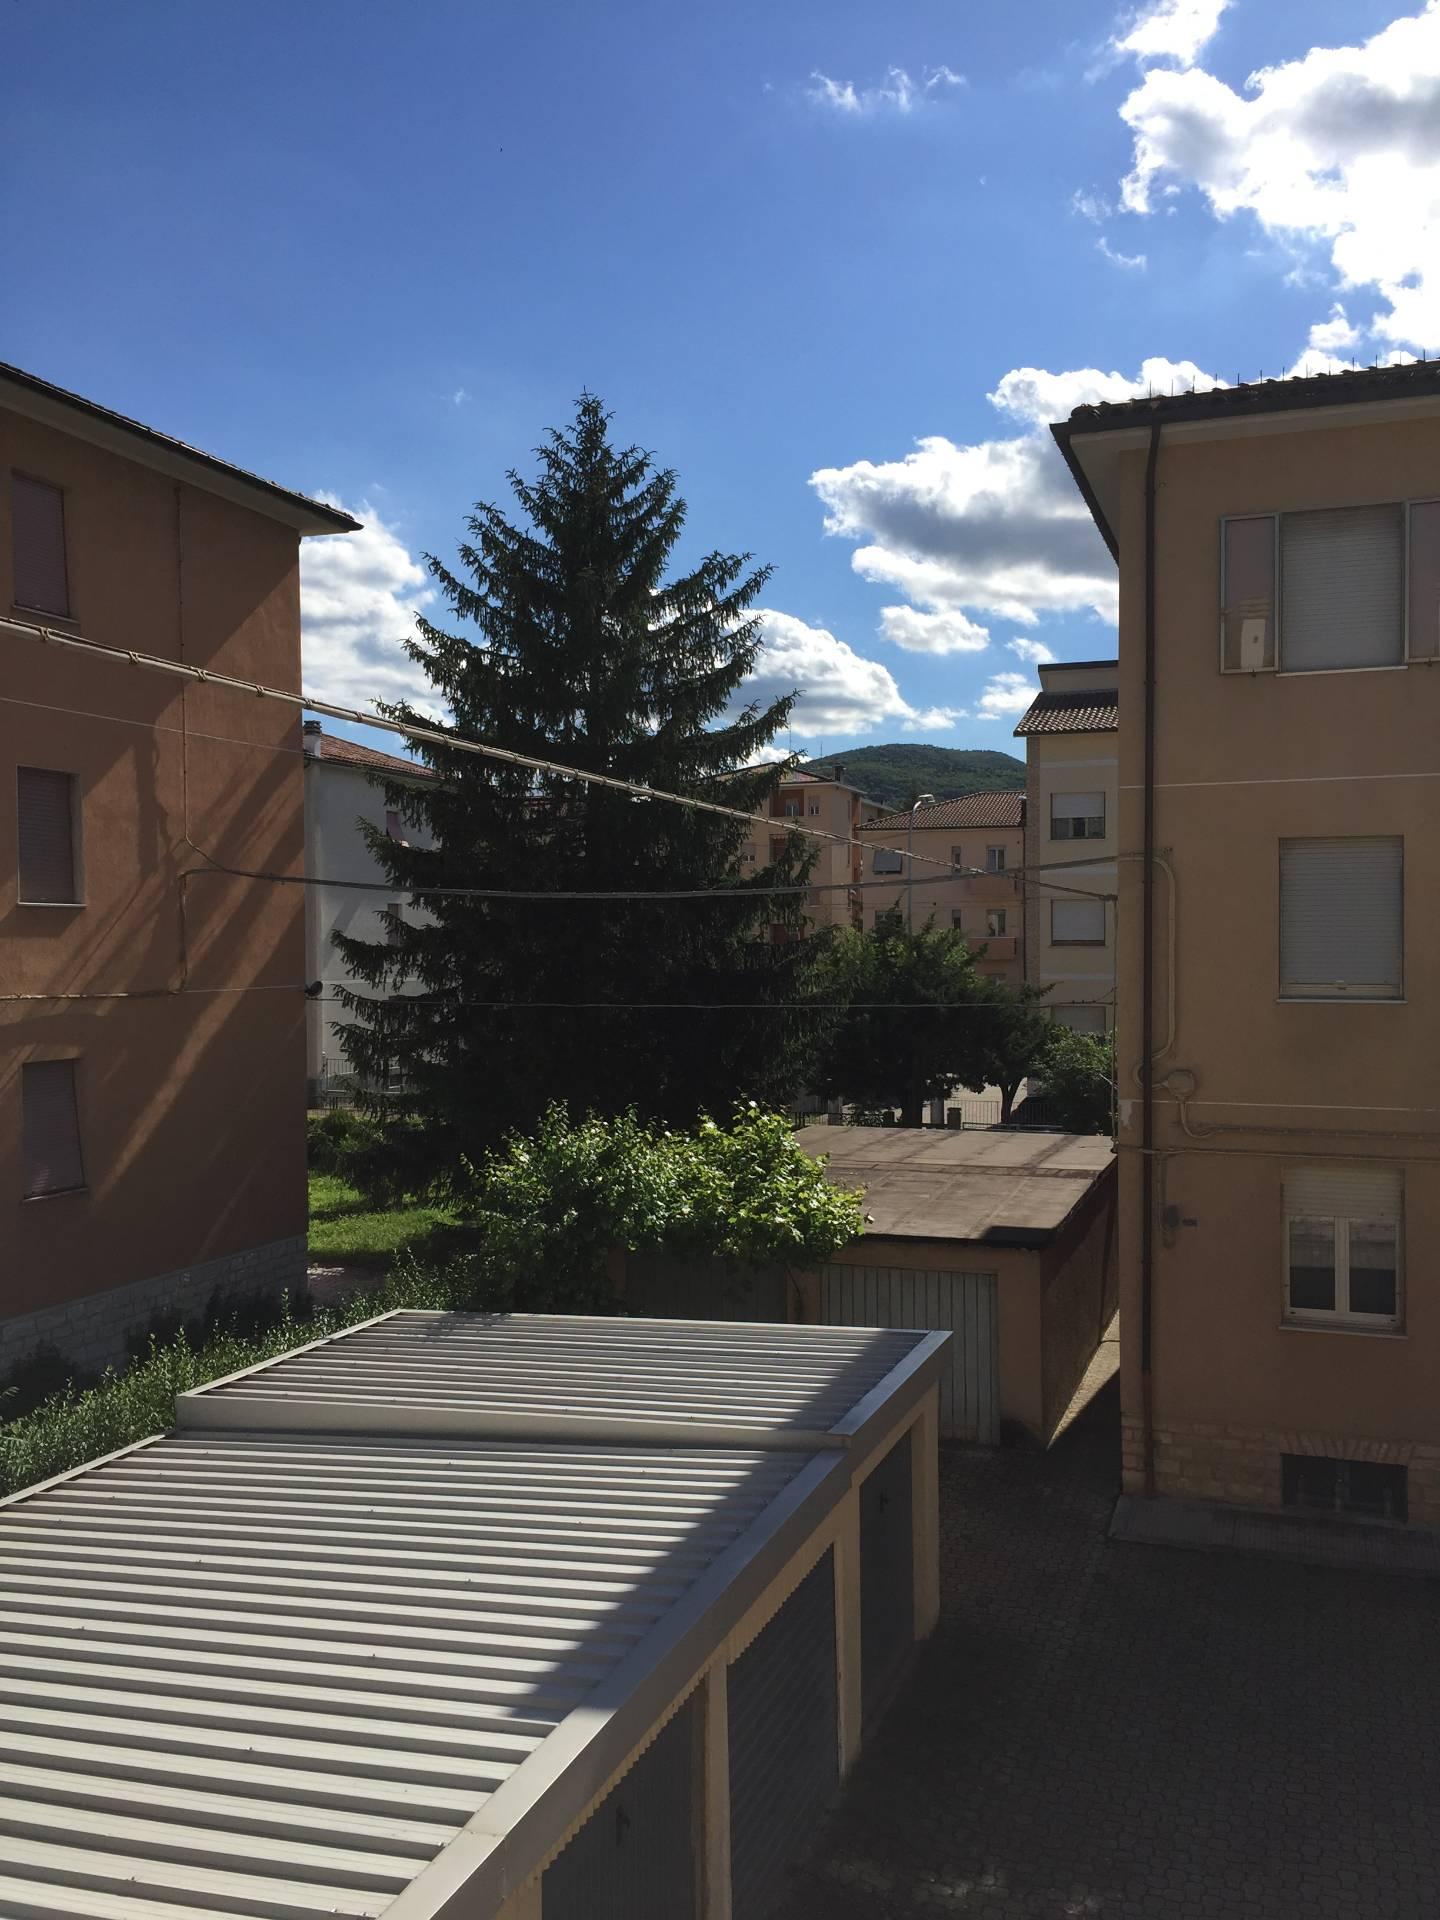 Appartamento in vendita a Fabriano, 3 locali, zona Località: PERIFERIA, prezzo € 90.000   CambioCasa.it